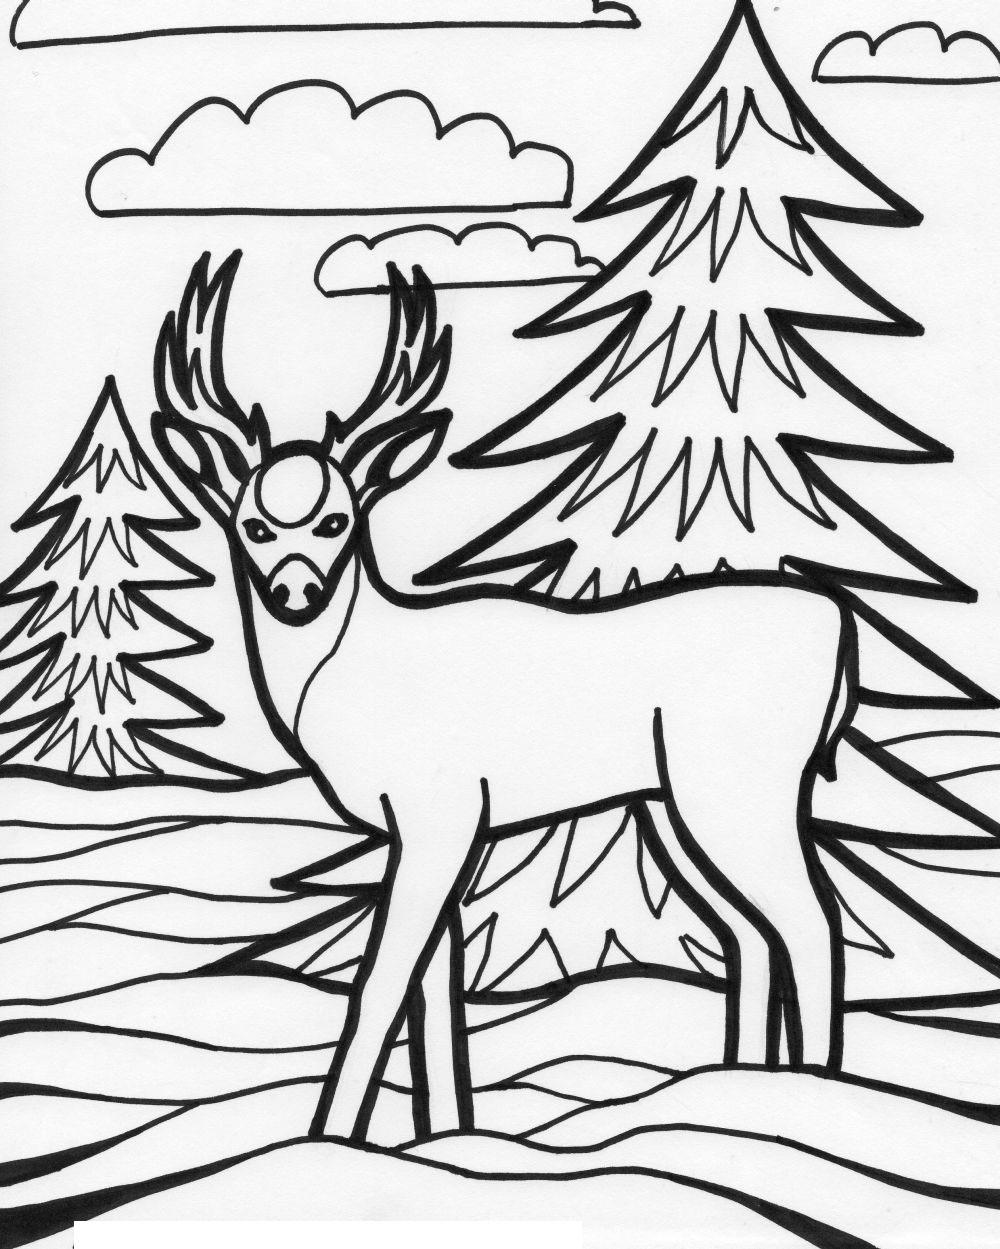 deer coloring page ruminant mammal deer 20 deer coloring pages free printables coloring deer page